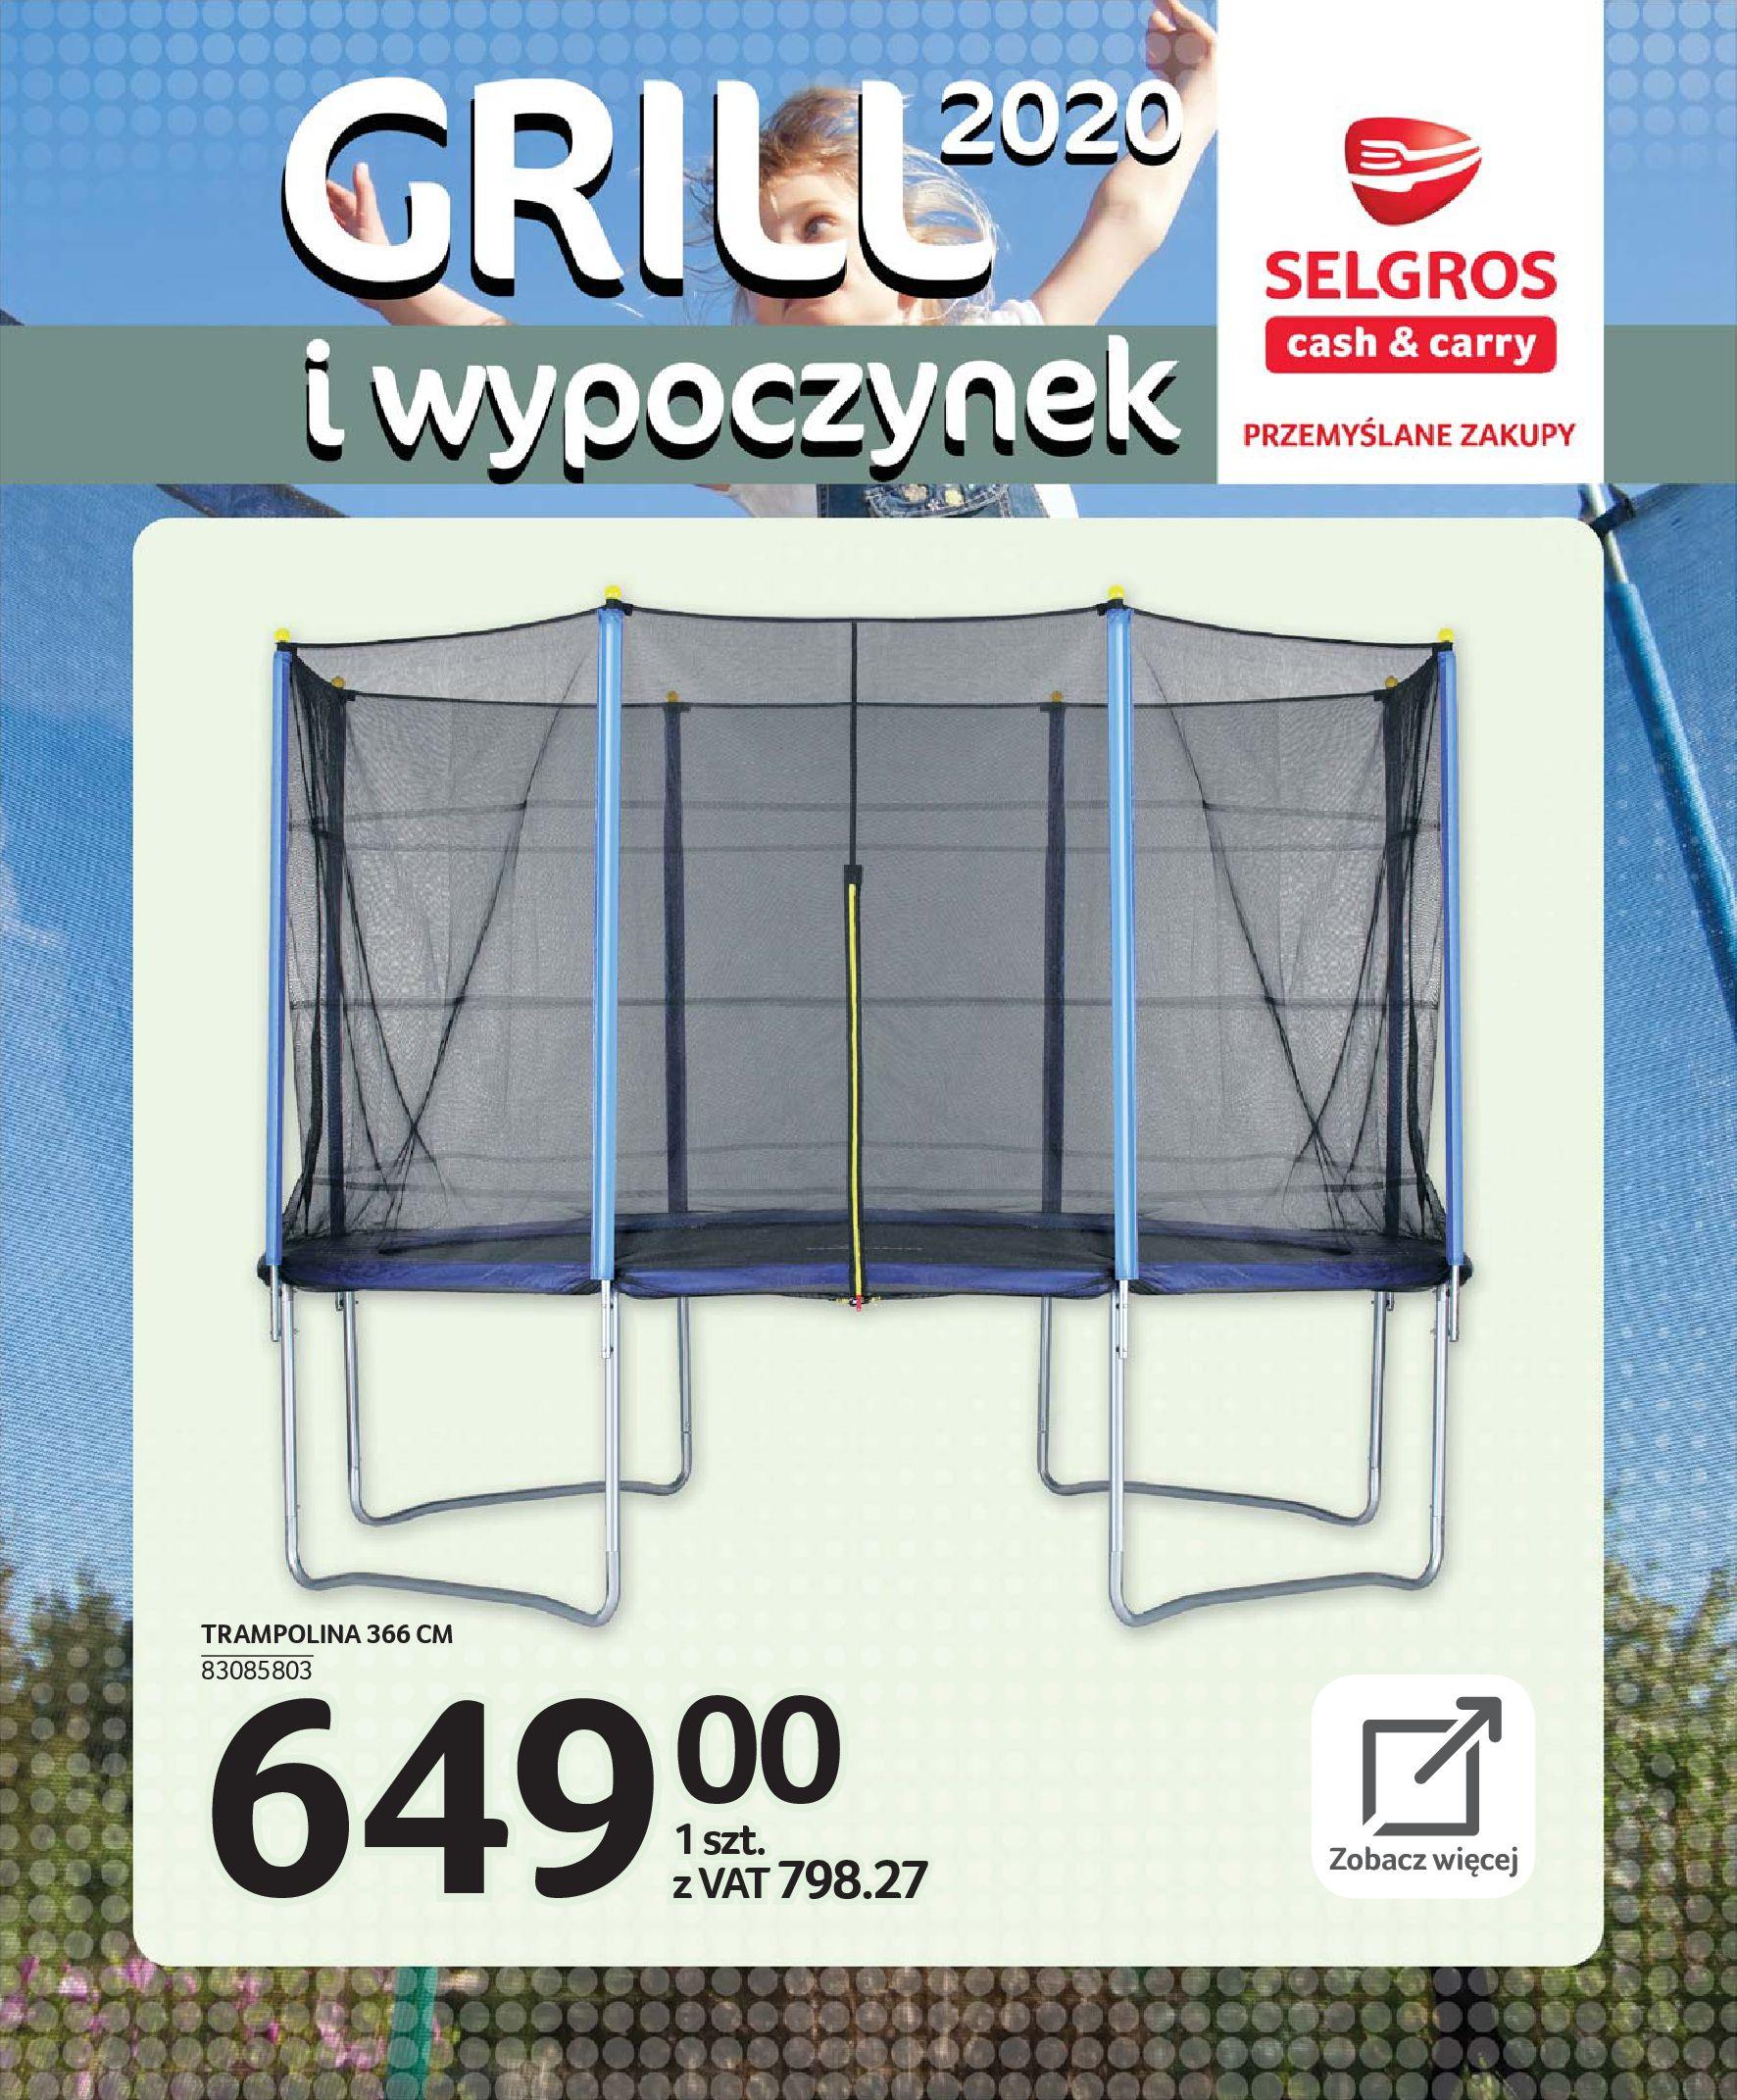 Gazetka Selgros - Katalog - Grill i wypoczynek-31.03.2020-31.08.2020-page-114